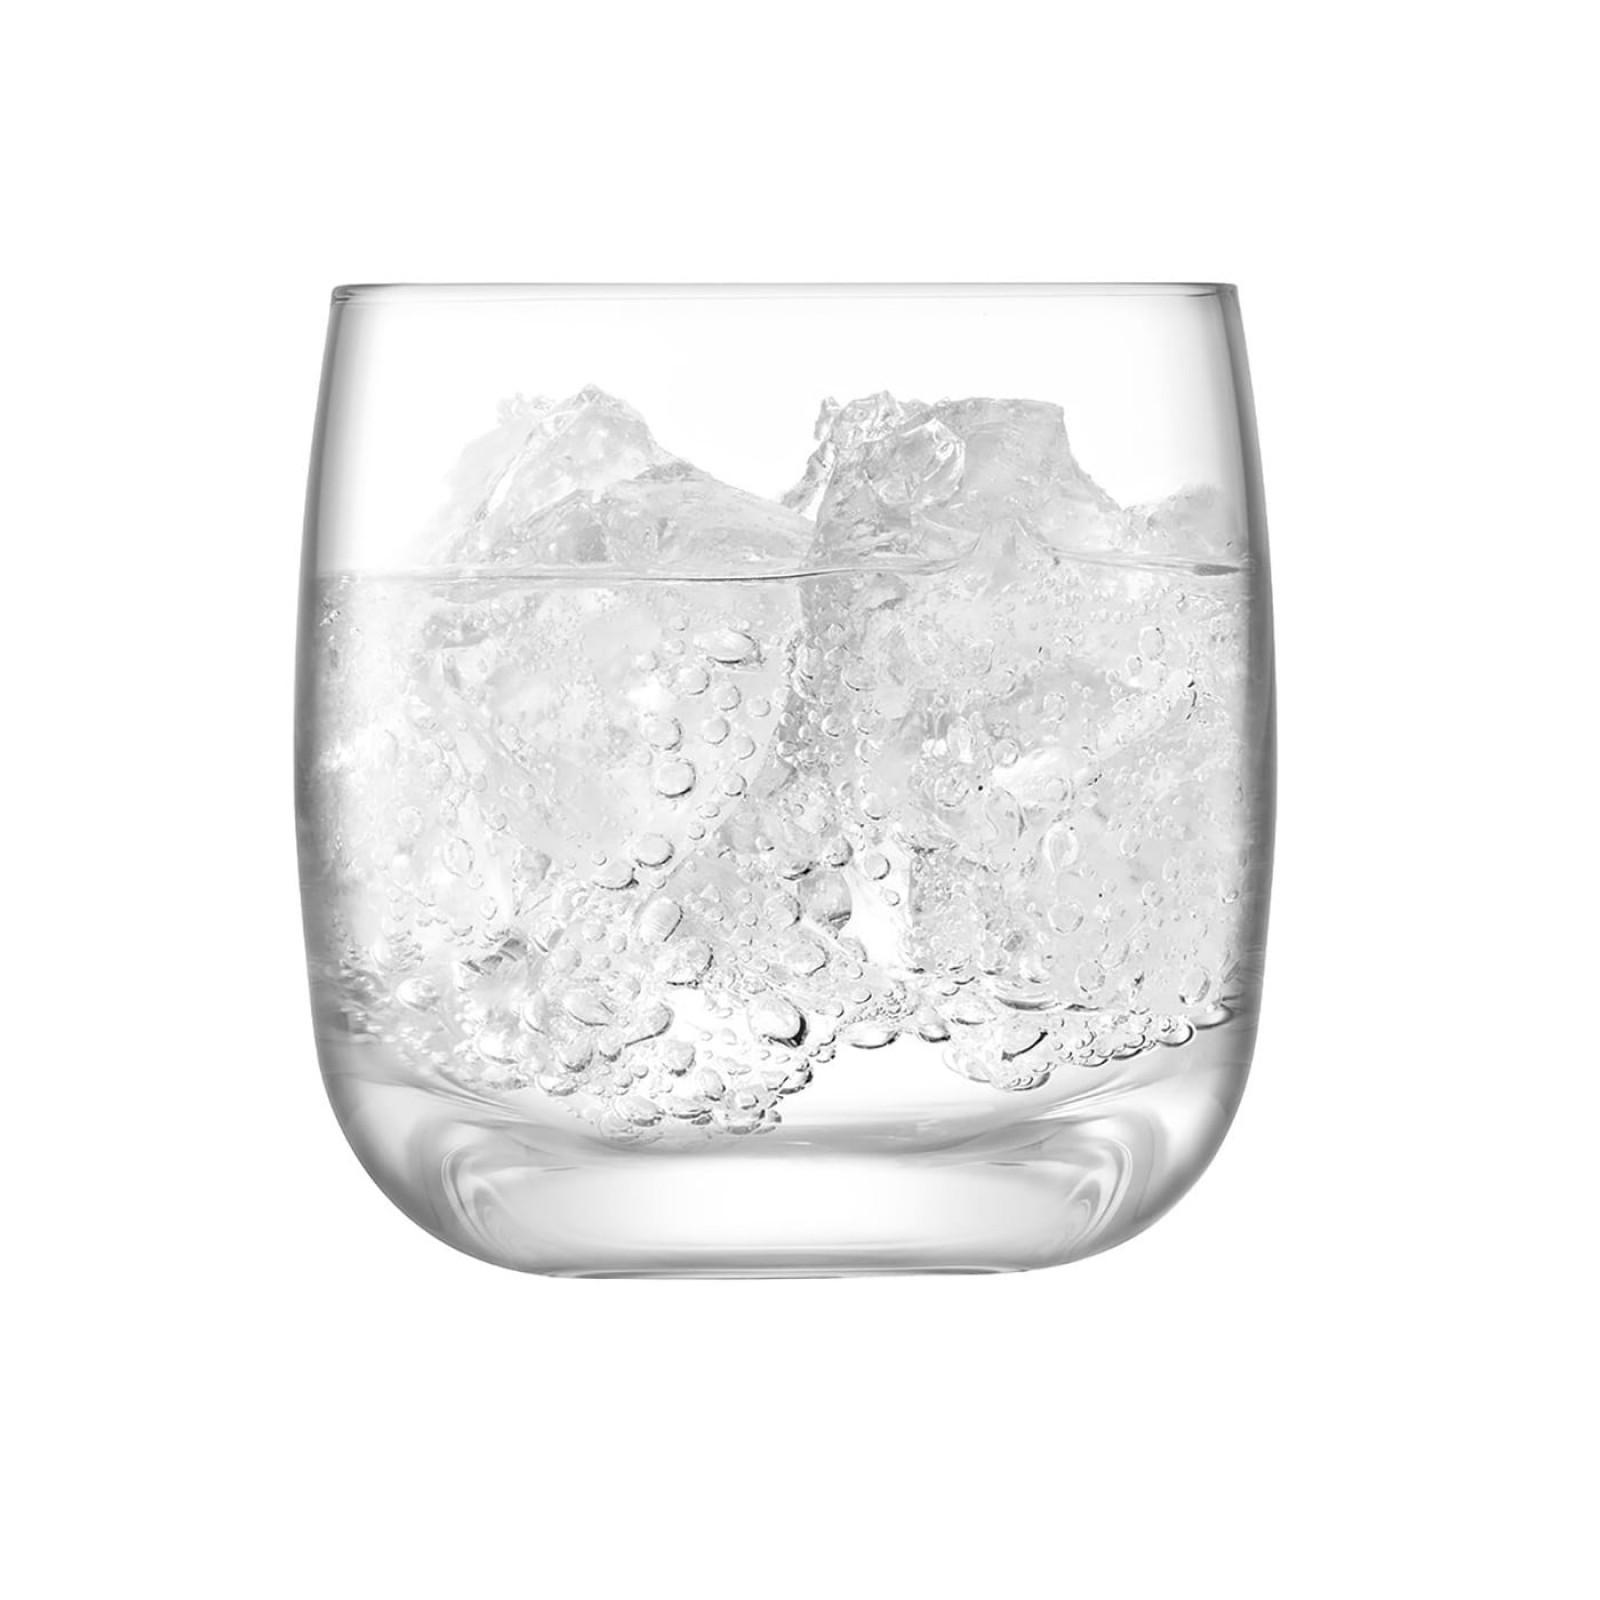 Χαμηλά Ποτήρια Borough 300 ml. (Σετ των 4) - LSA